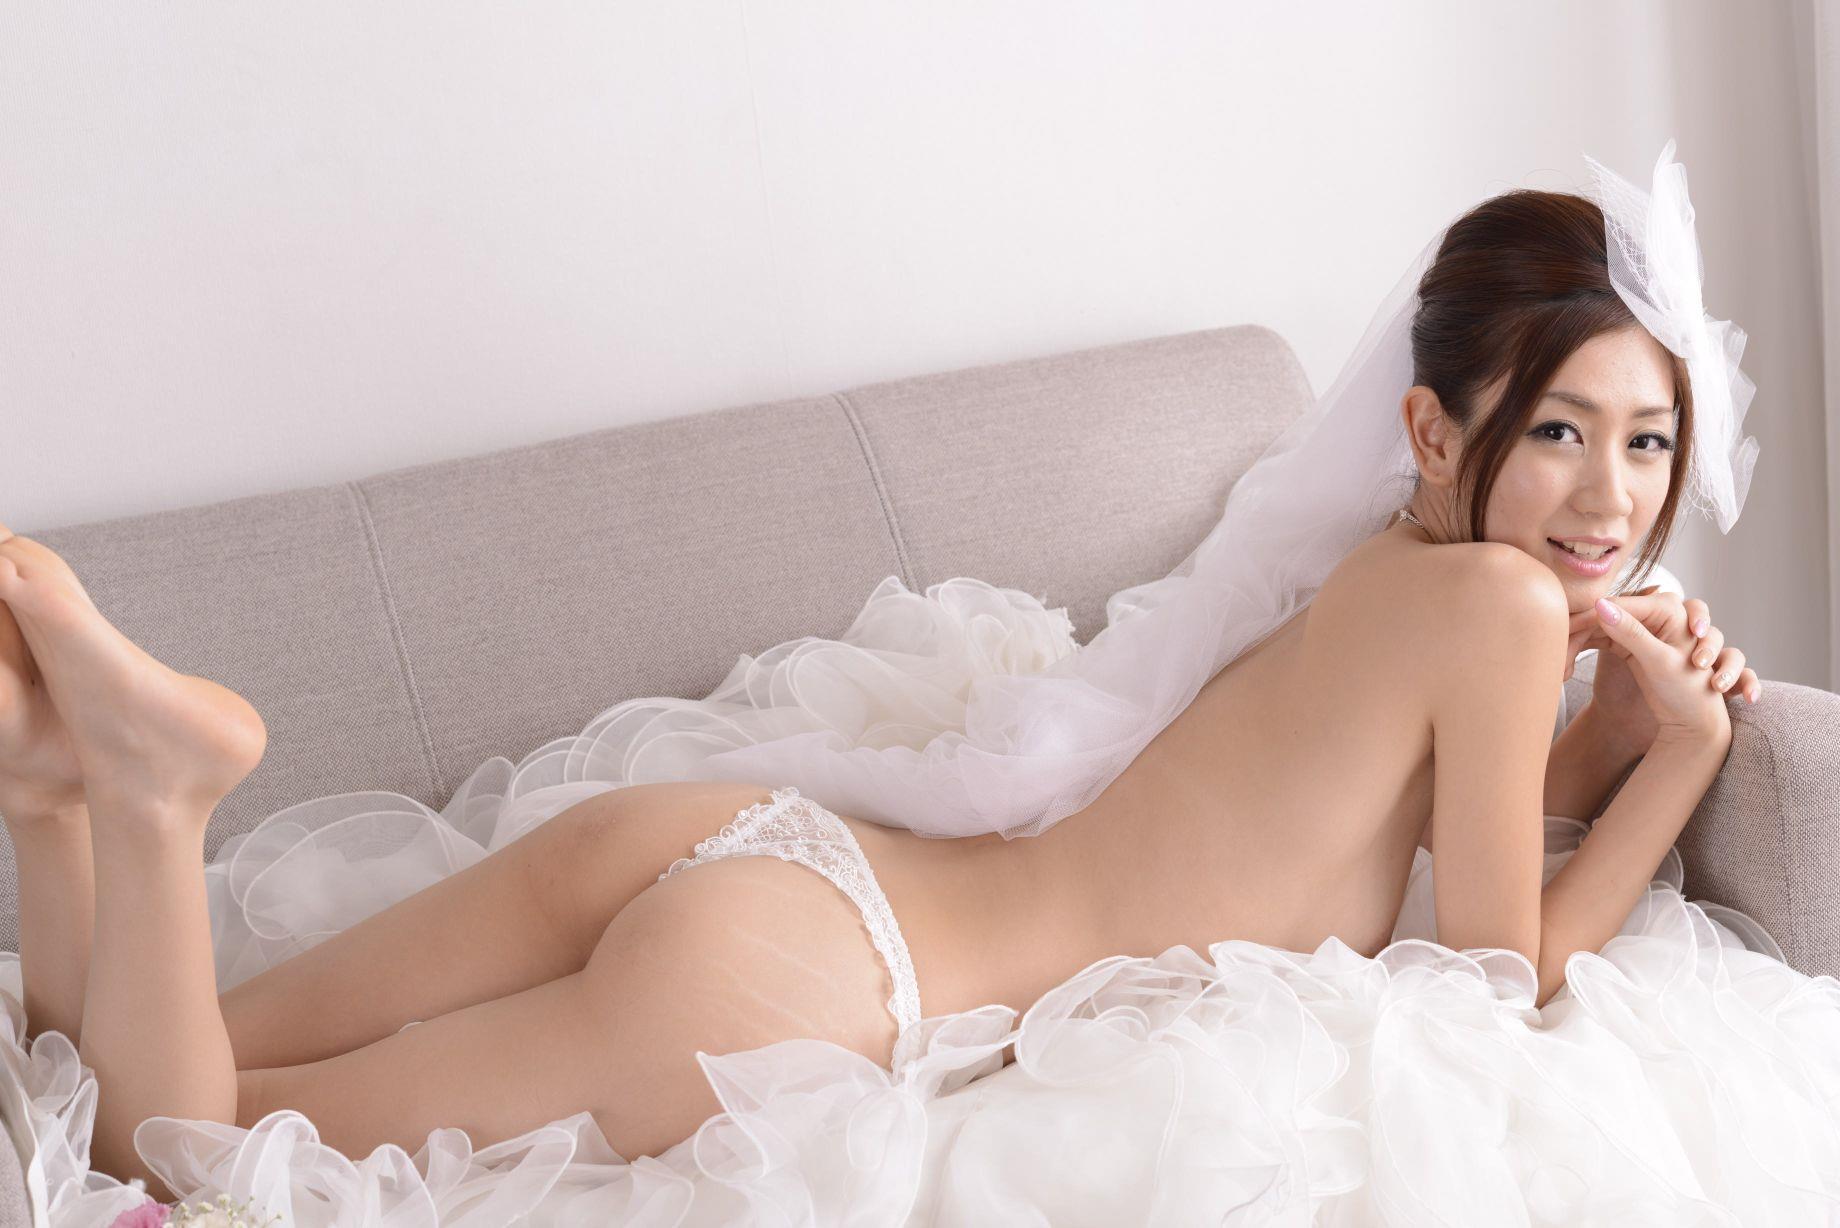 前田かおり ウェディングドレス画像 85